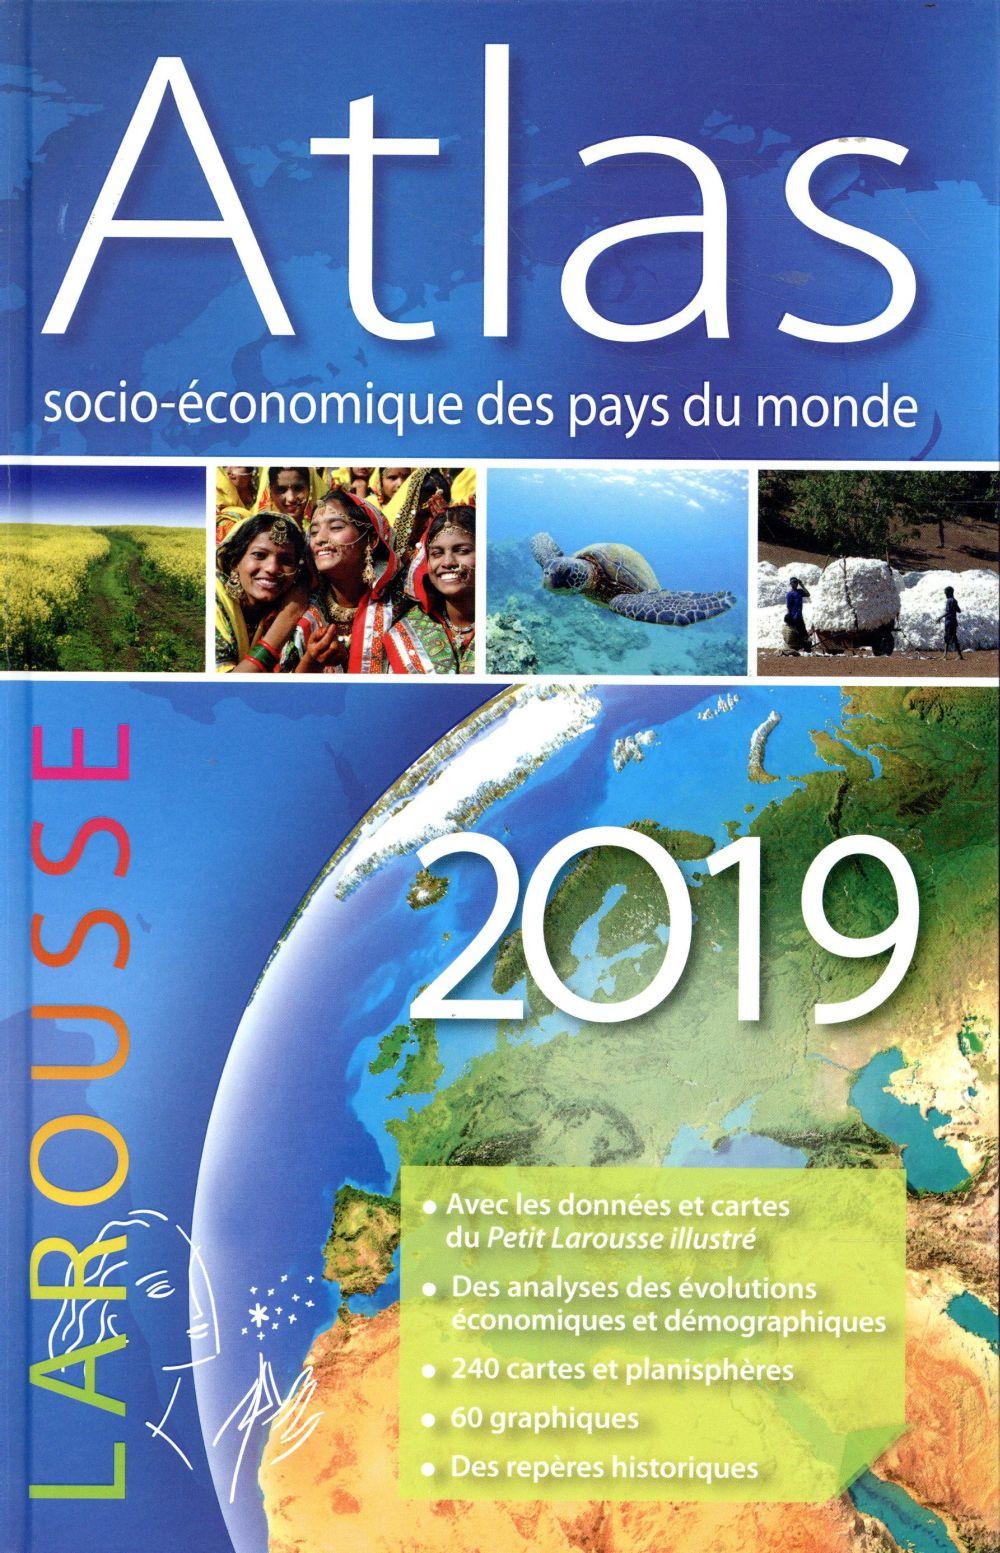 Atlas socio-économique des pays du monde (édition 2019)